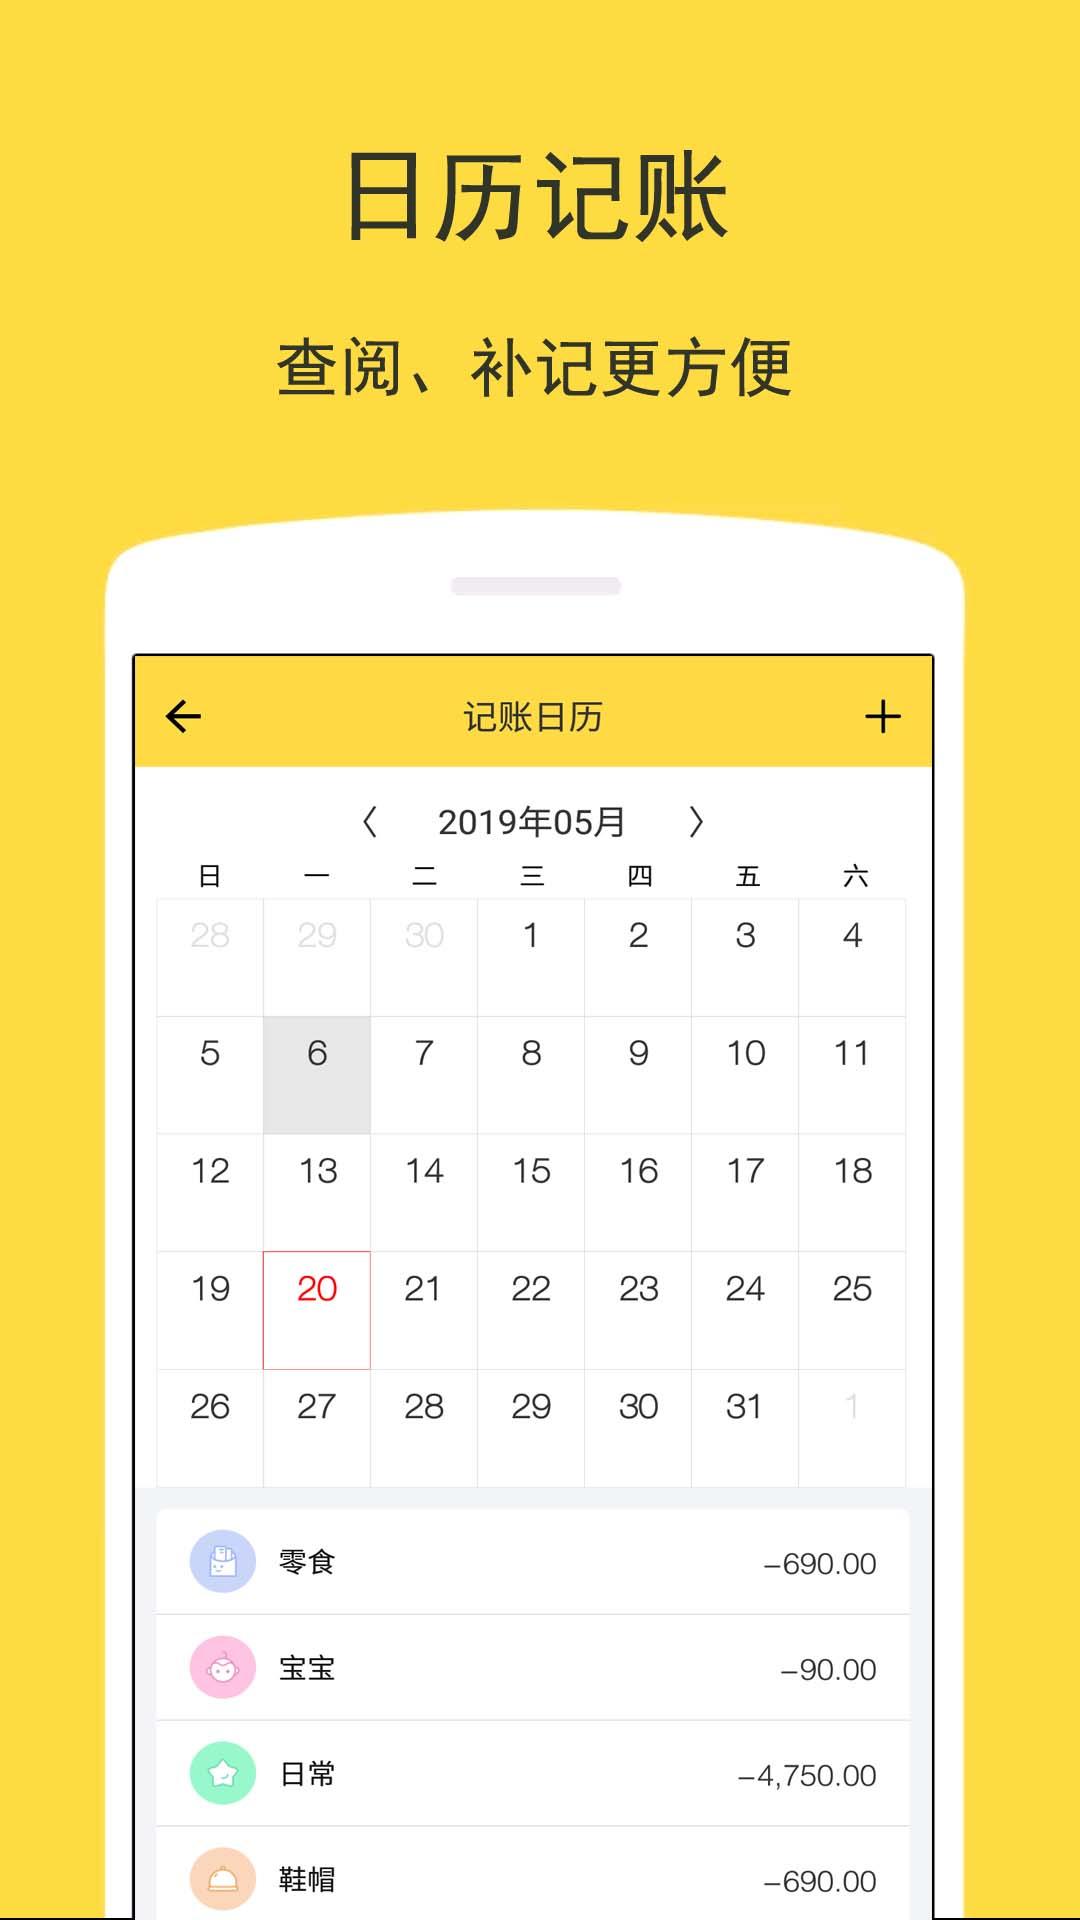 小美记账 V1.3 安卓版截图4